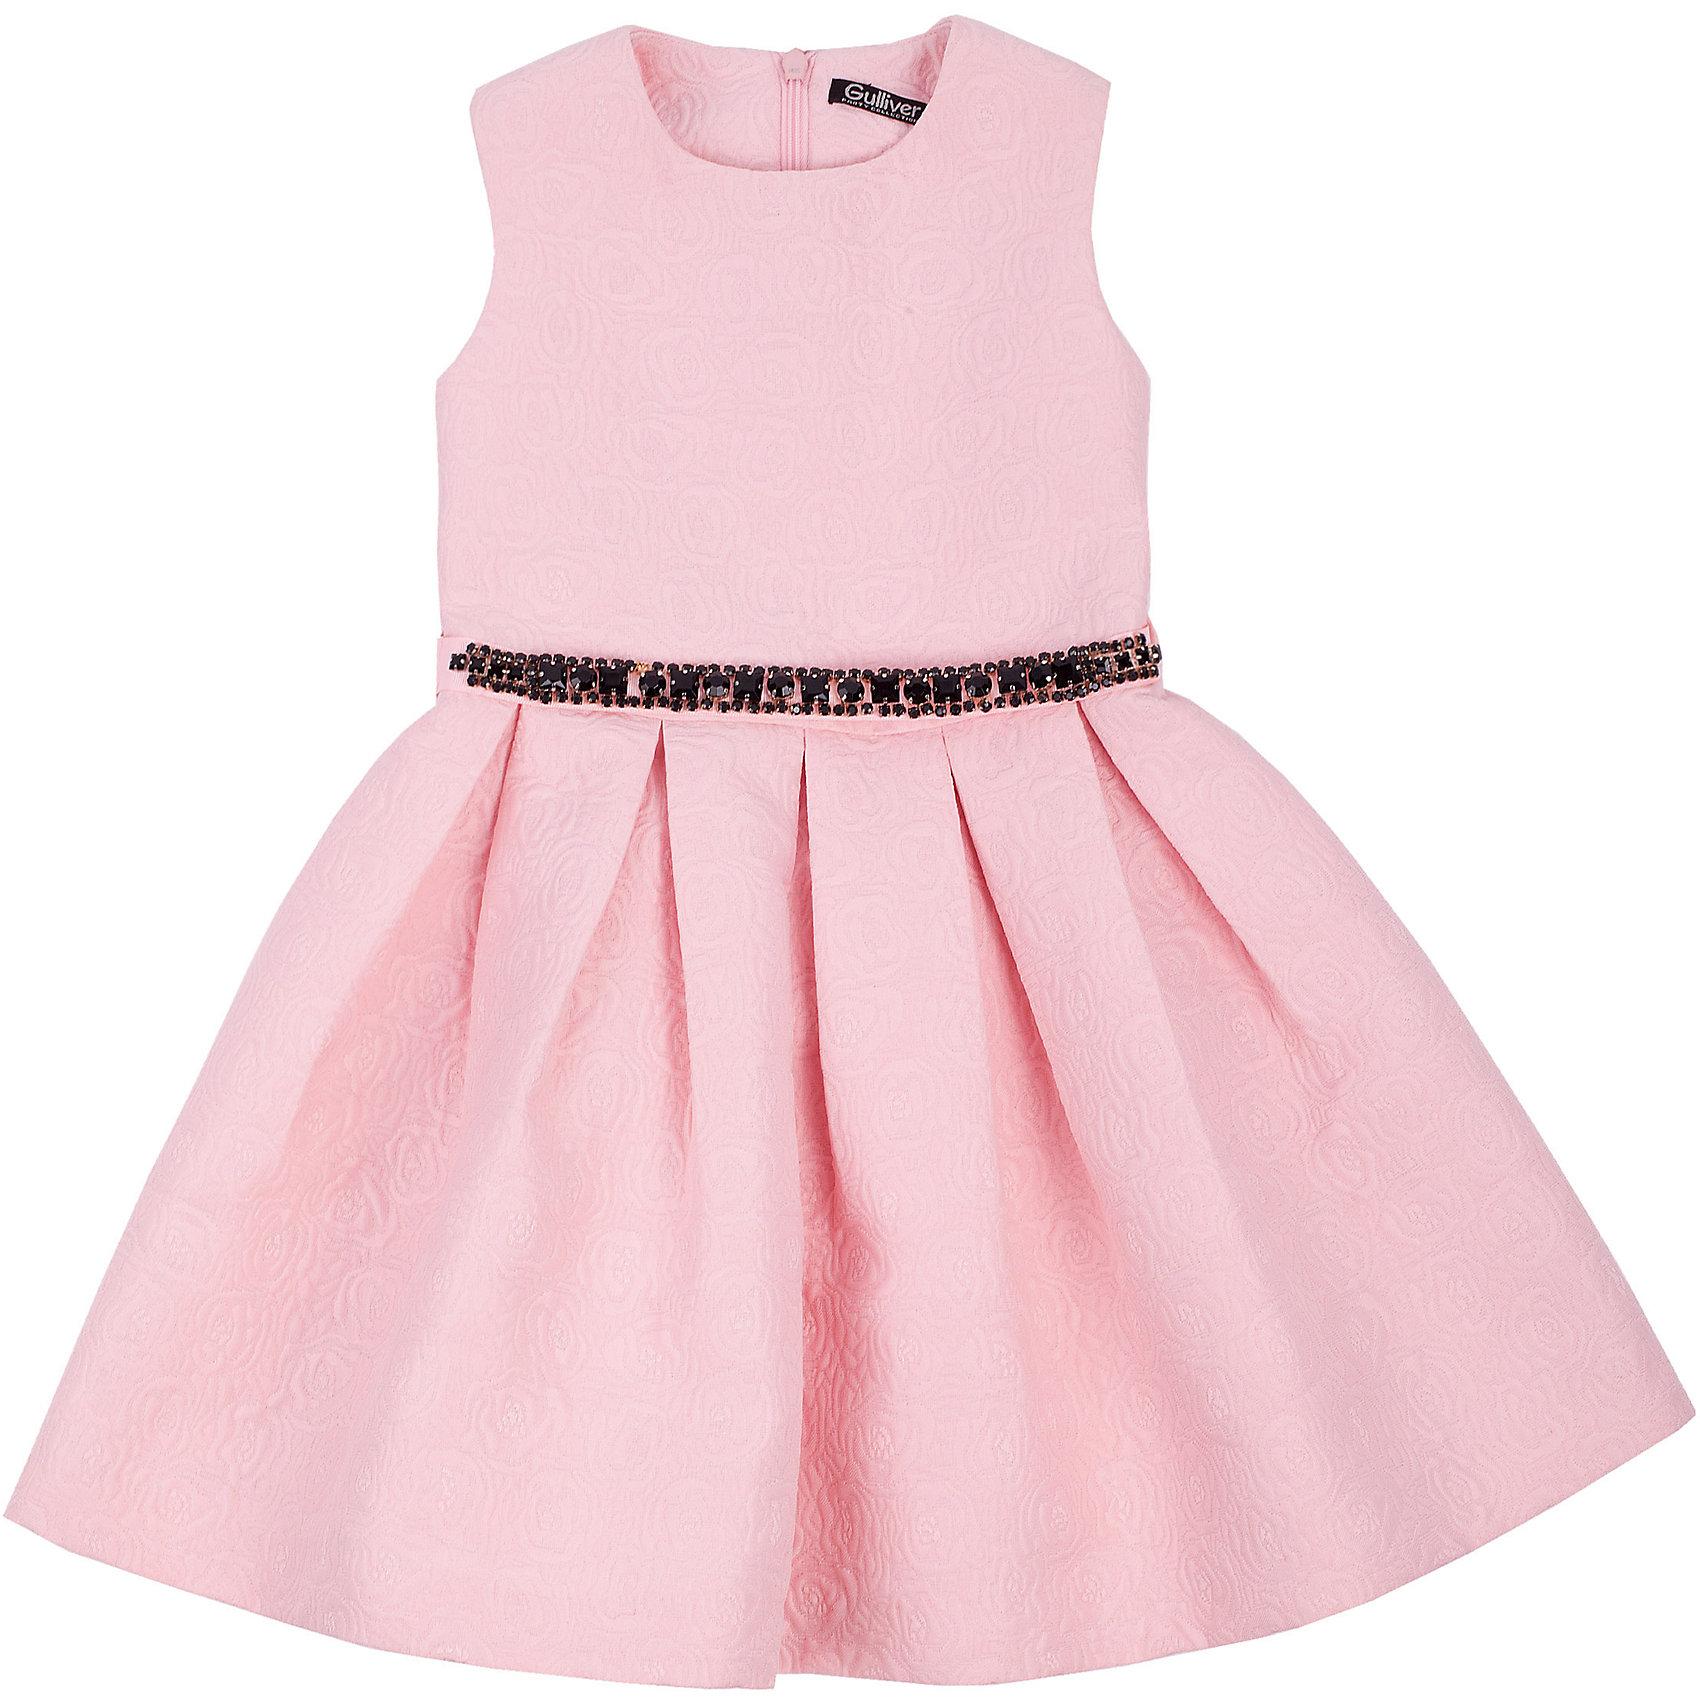 Нарядное платье для девочки GulliverОдежда<br>Платье для девочки от известного бренда Gulliver.<br>Какими должны быть нарядные платья 2016/2017? Разными! Кто-то предпочитает купить платье  - пышную модель как у настоящей принцессы, но кто-то выбирает стильные лаконичные решения с изюминкой и загадкой. Нежное розовое платье из благородного жаккардового полотна - идеальный вариант для тех, кто ценит изящество и элегантность. Черный пояс, расшитый стразами подчеркнет торжественность момента.<br>Состав:<br>верх: 100% полиэстер; подкладка: 100% хлопок<br><br>Ширина мм: 236<br>Глубина мм: 16<br>Высота мм: 184<br>Вес г: 177<br>Цвет: розовый<br>Возраст от месяцев: 24<br>Возраст до месяцев: 36<br>Пол: Женский<br>Возраст: Детский<br>Размер: 98,104,110,116<br>SKU: 5103499